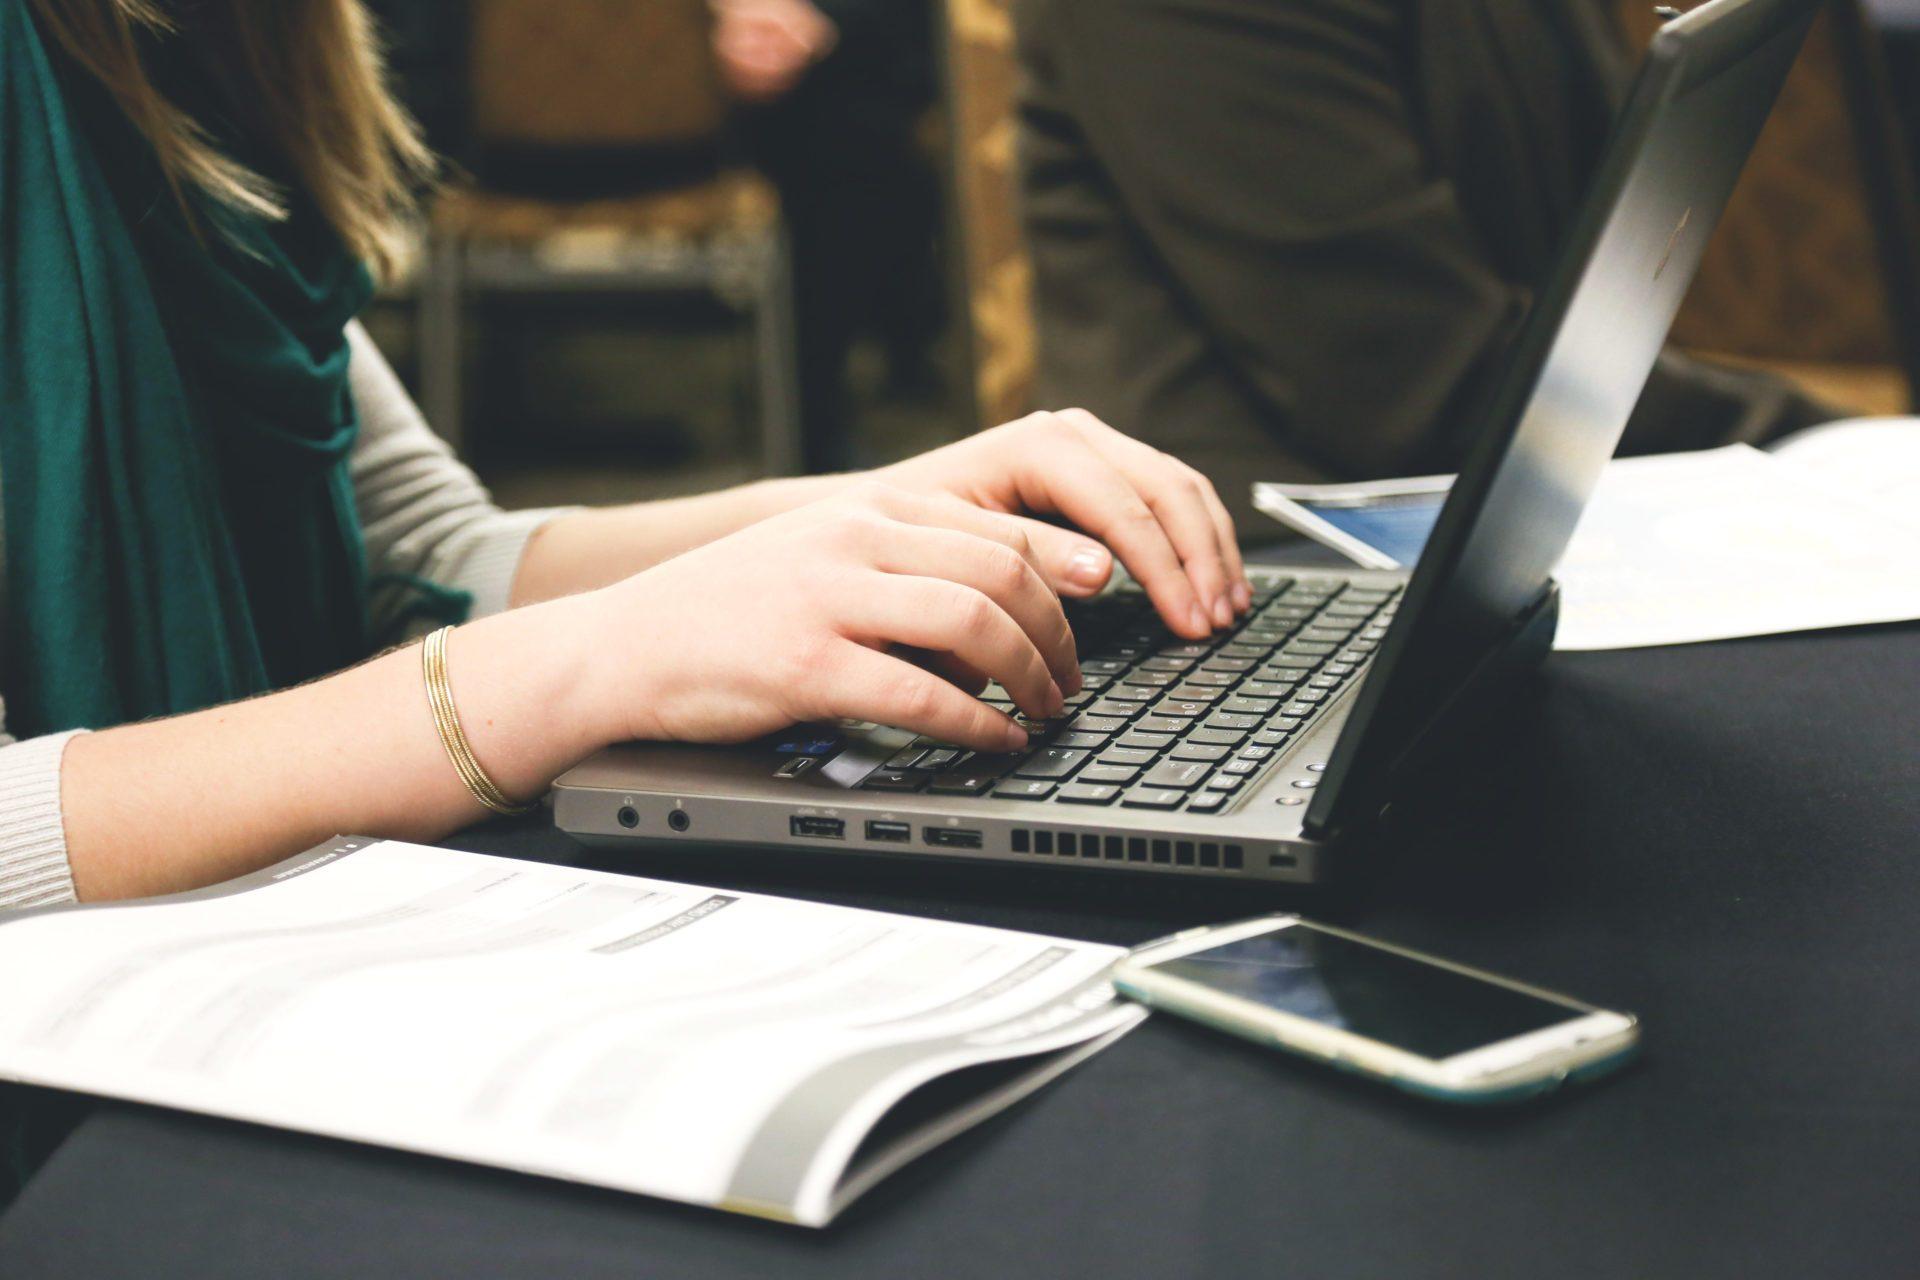 woman-typing-laptop-e1467790731955